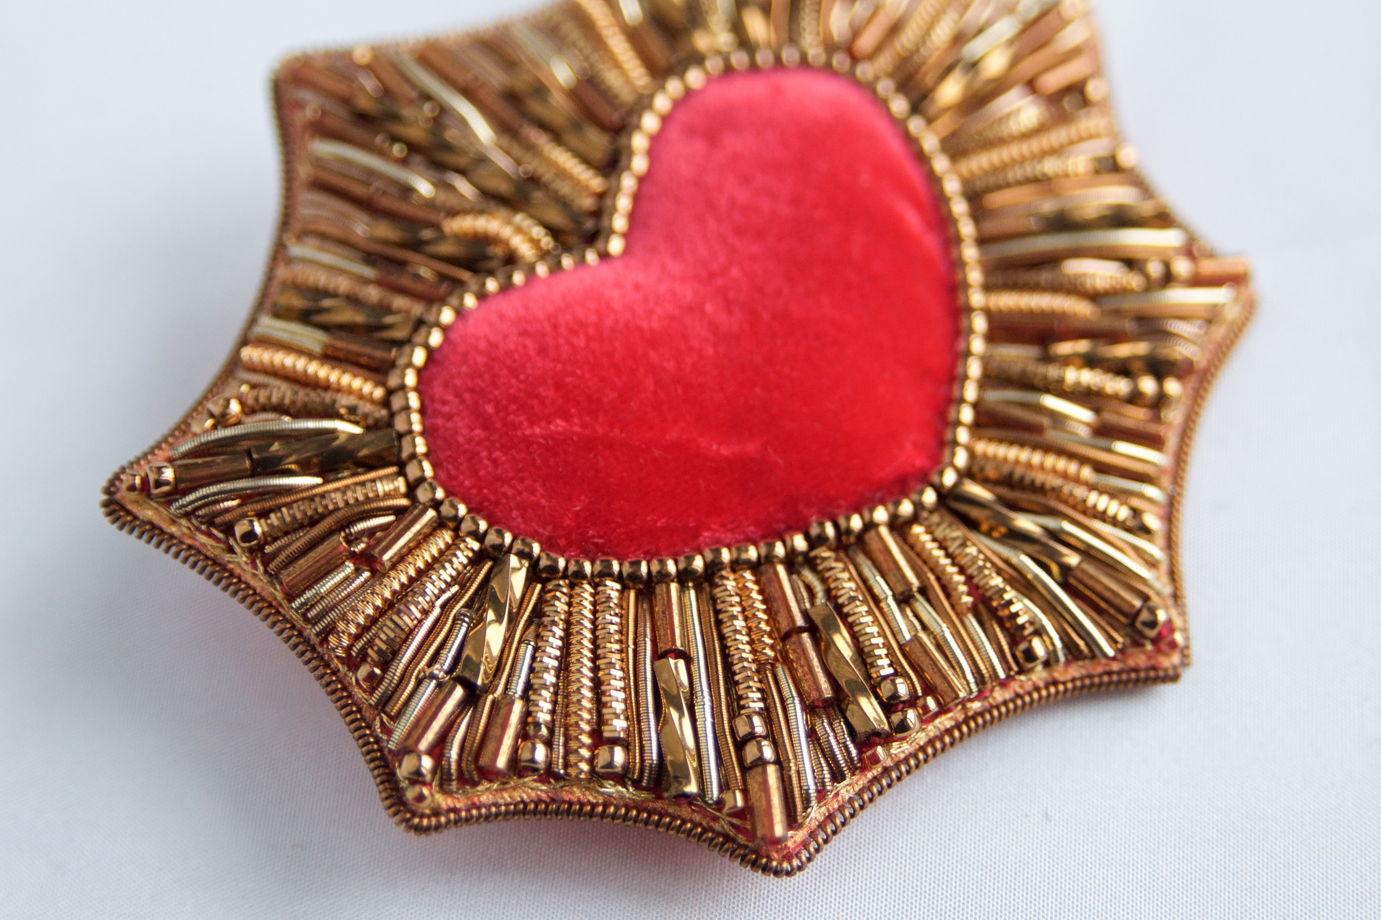 Брошь вышитая канителью красная с золотым святое сердце